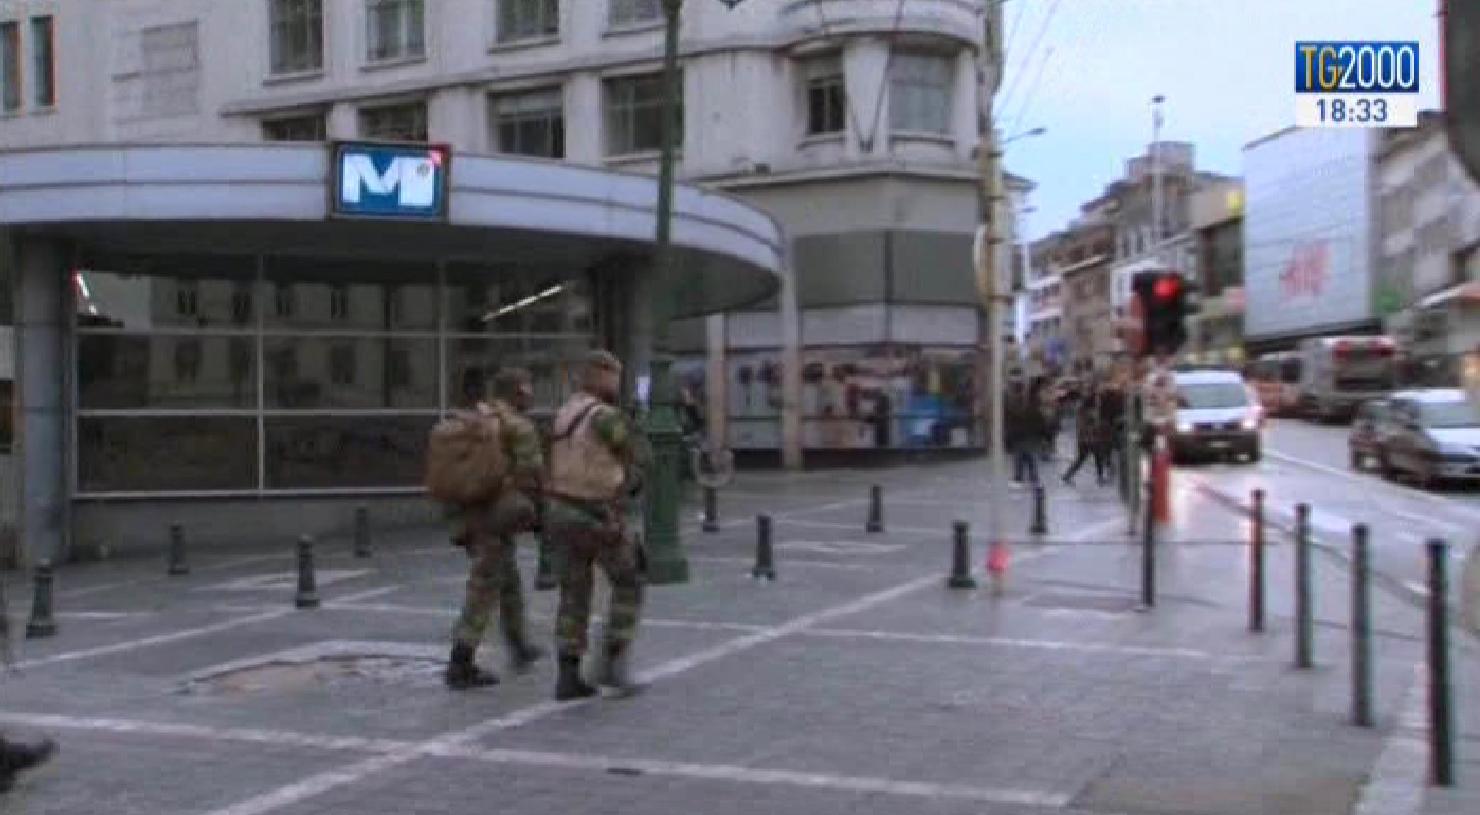 Bruxelles in stato di assedio per il rischio attentati. Chiusi musei, cinema e negozi del centro